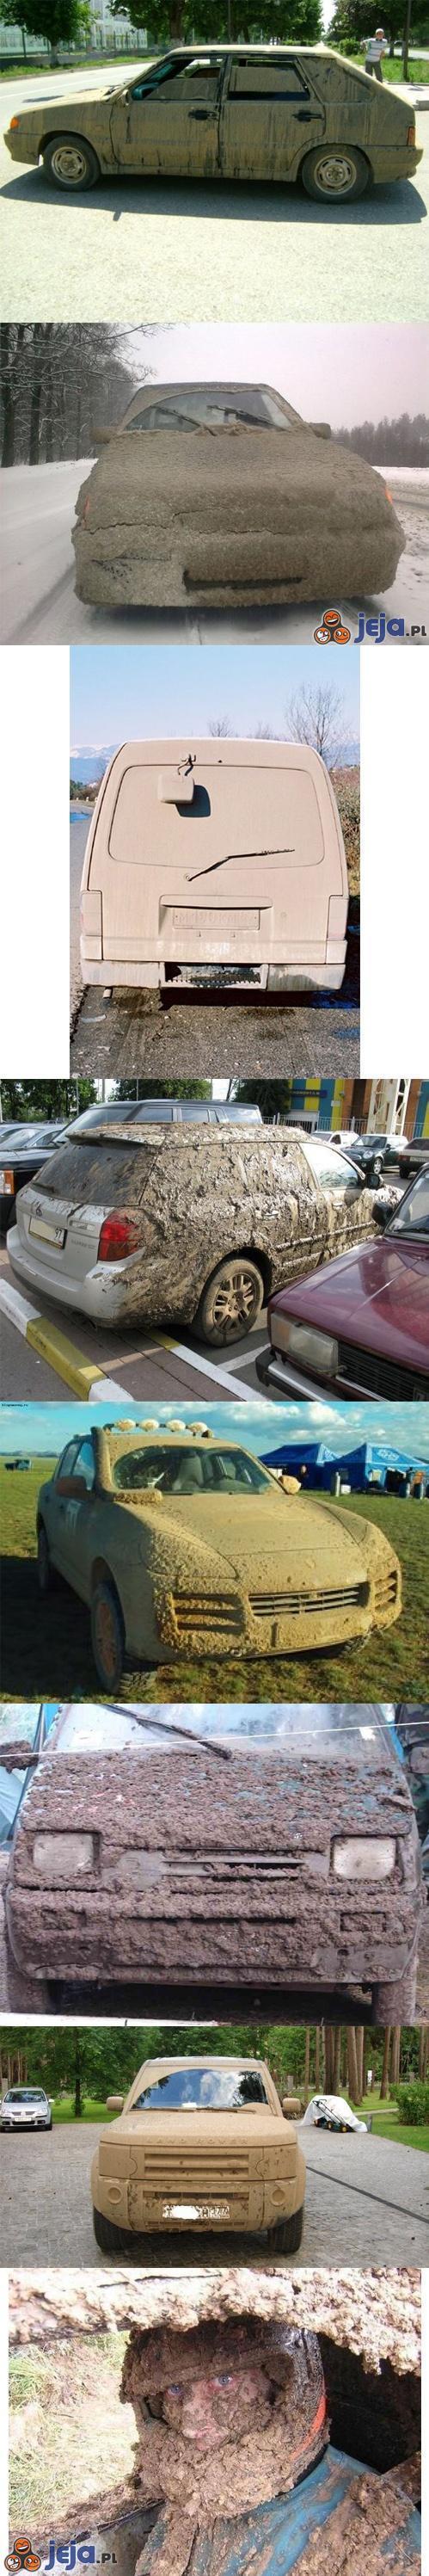 Brudny samochód